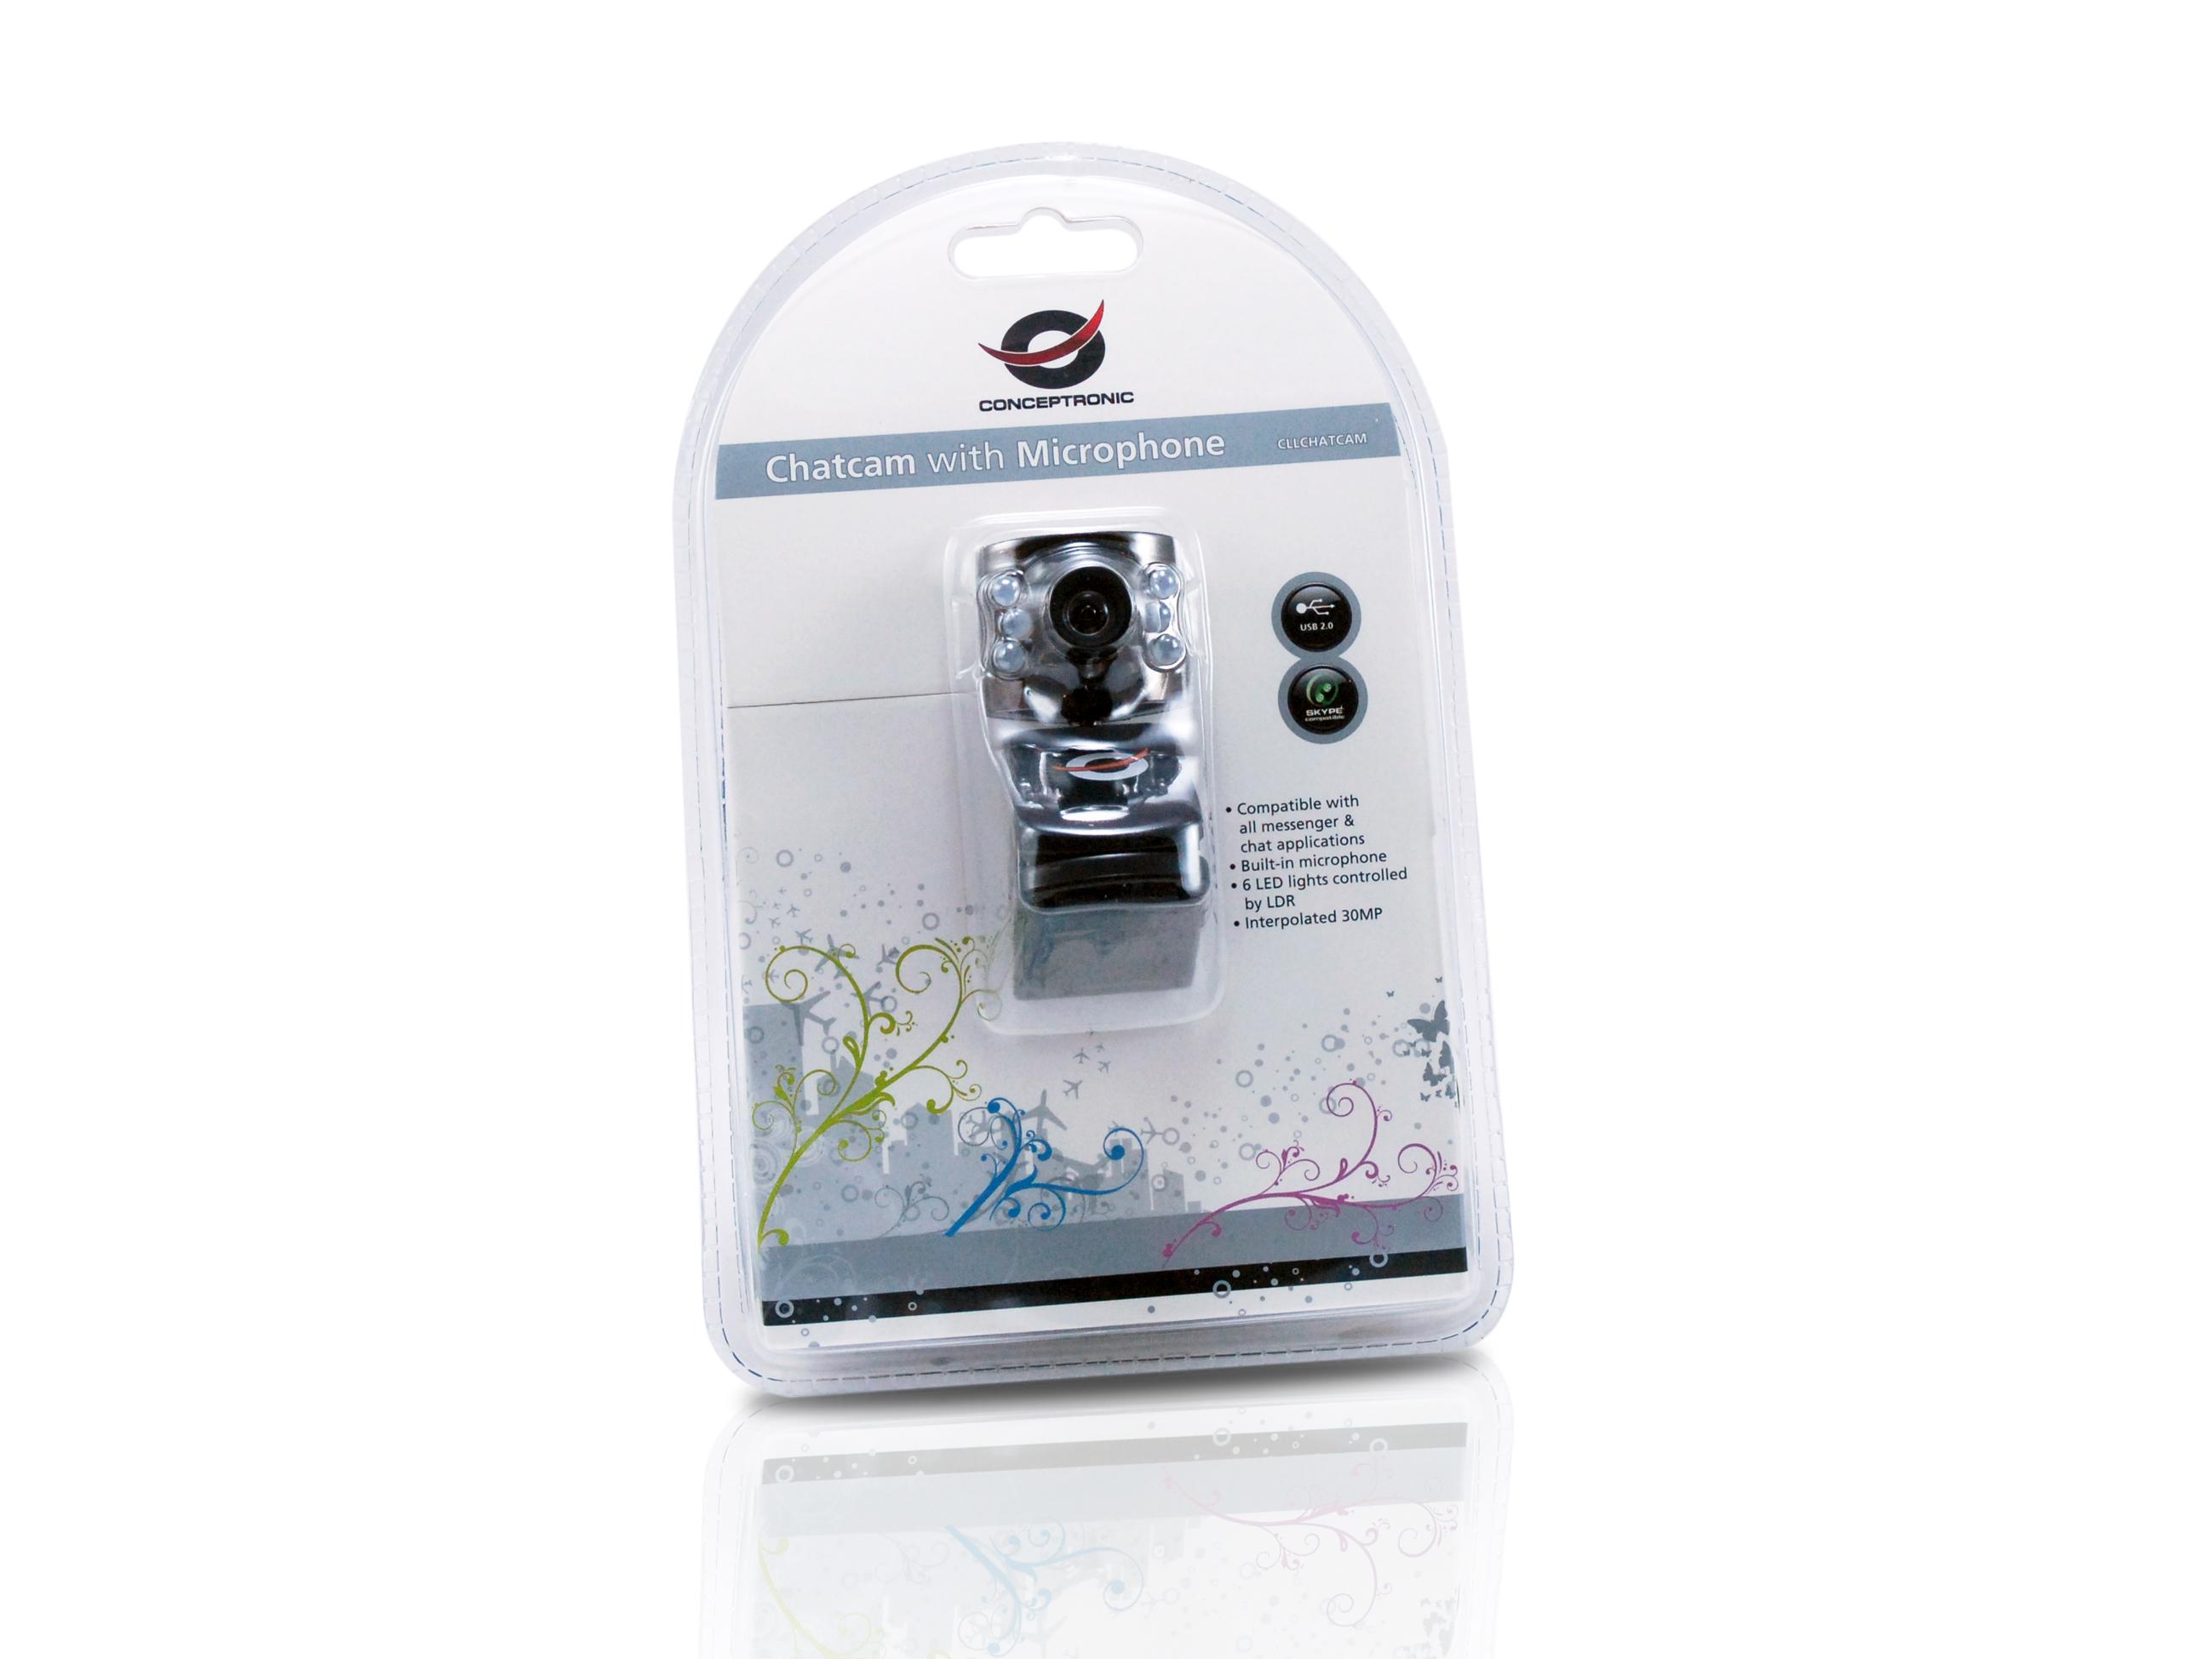 Conceptronic CLLCHATCAM V3 Webcam Driver for Windows